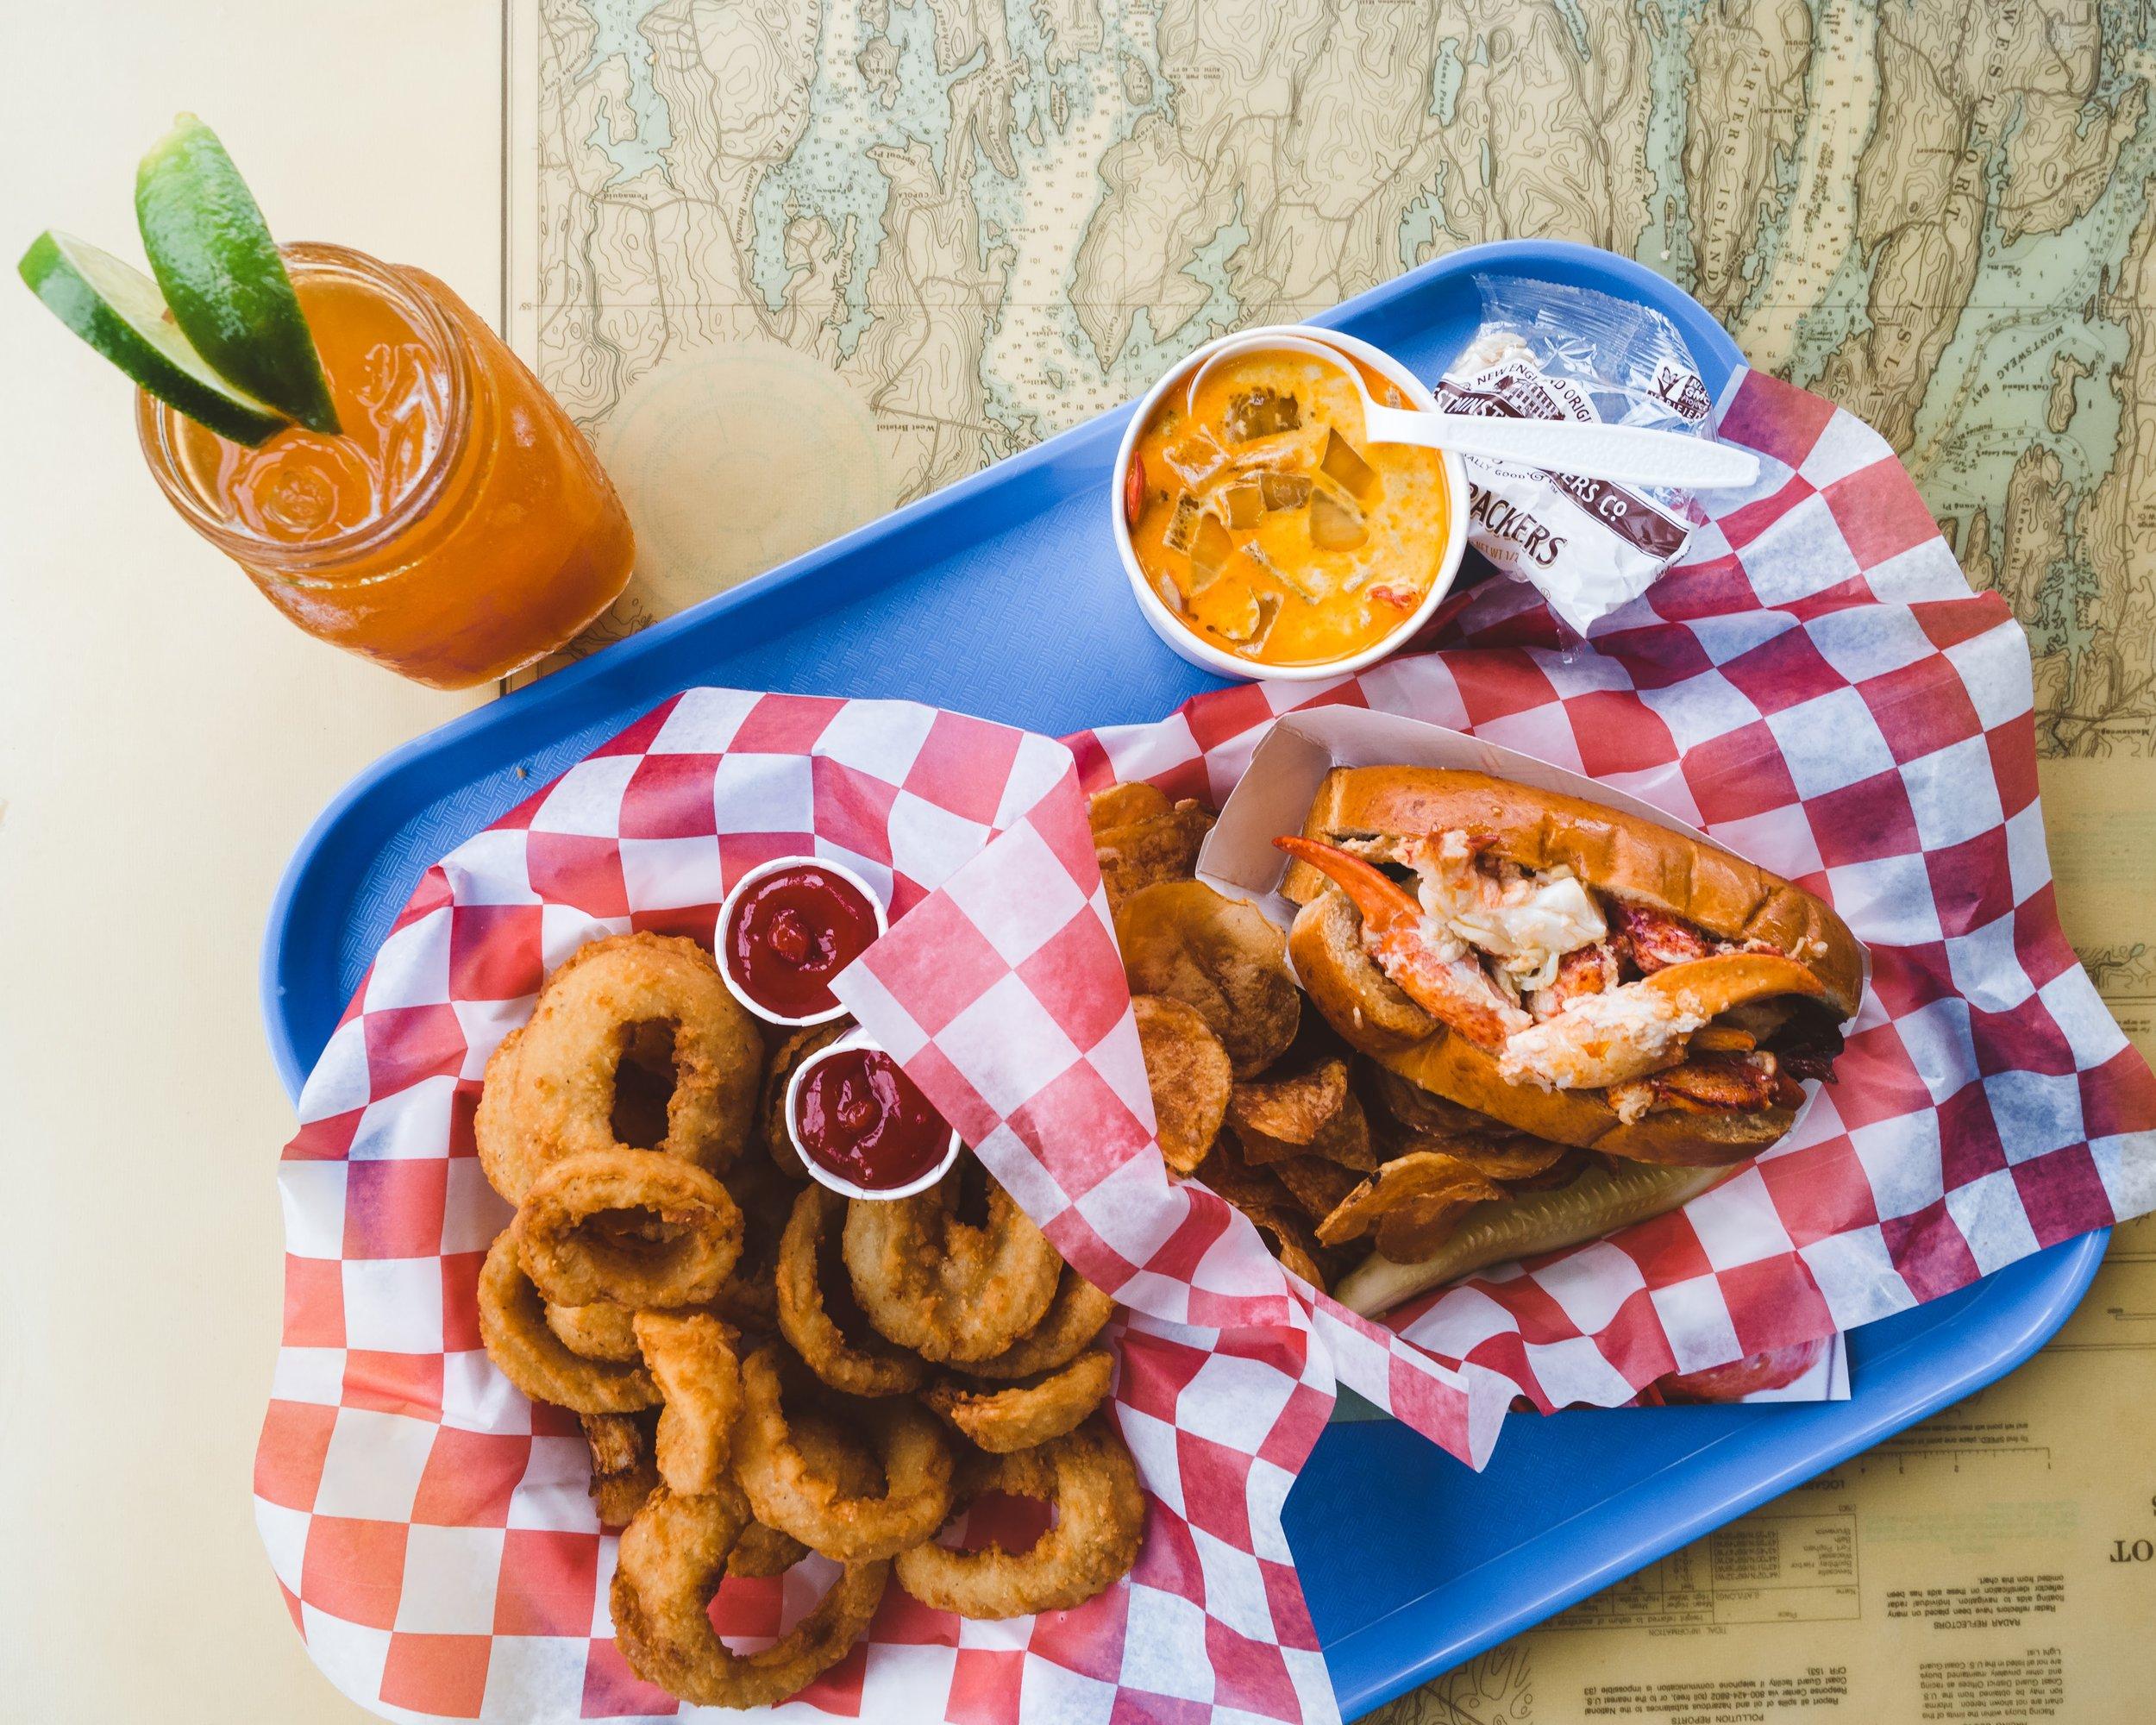 Dark & Stormy, Lobster Stew, Onion Rings, and a Lobster Roll w/Garlic Aioli.